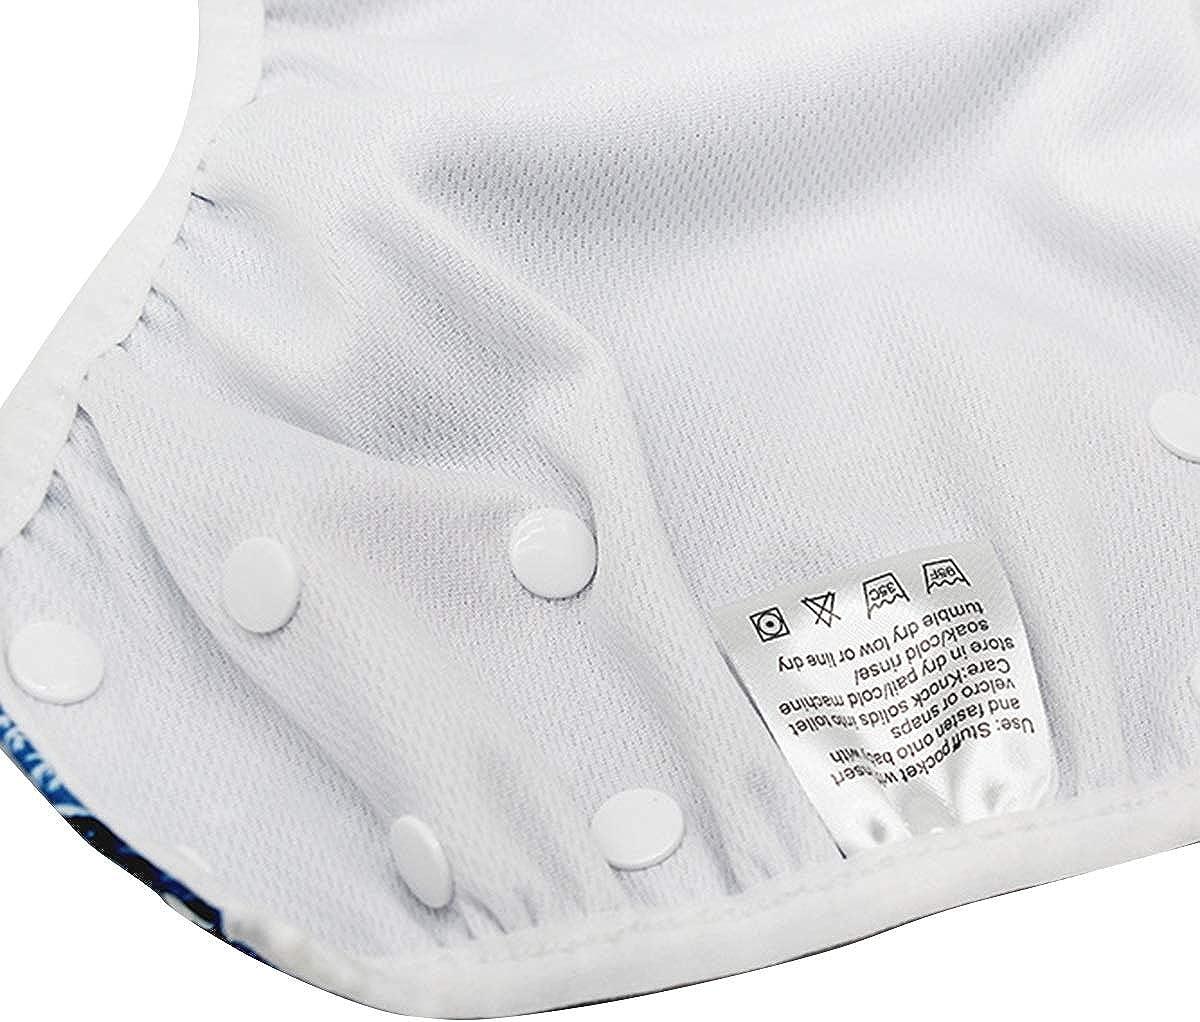 Cadeaux lavables de f/ête de Natation de le/çons de Natation lavables Pendant 0-2 Ans Haokaini Couche r/éutilisable de Bain Couches imperm/éables r/églables de Tissu